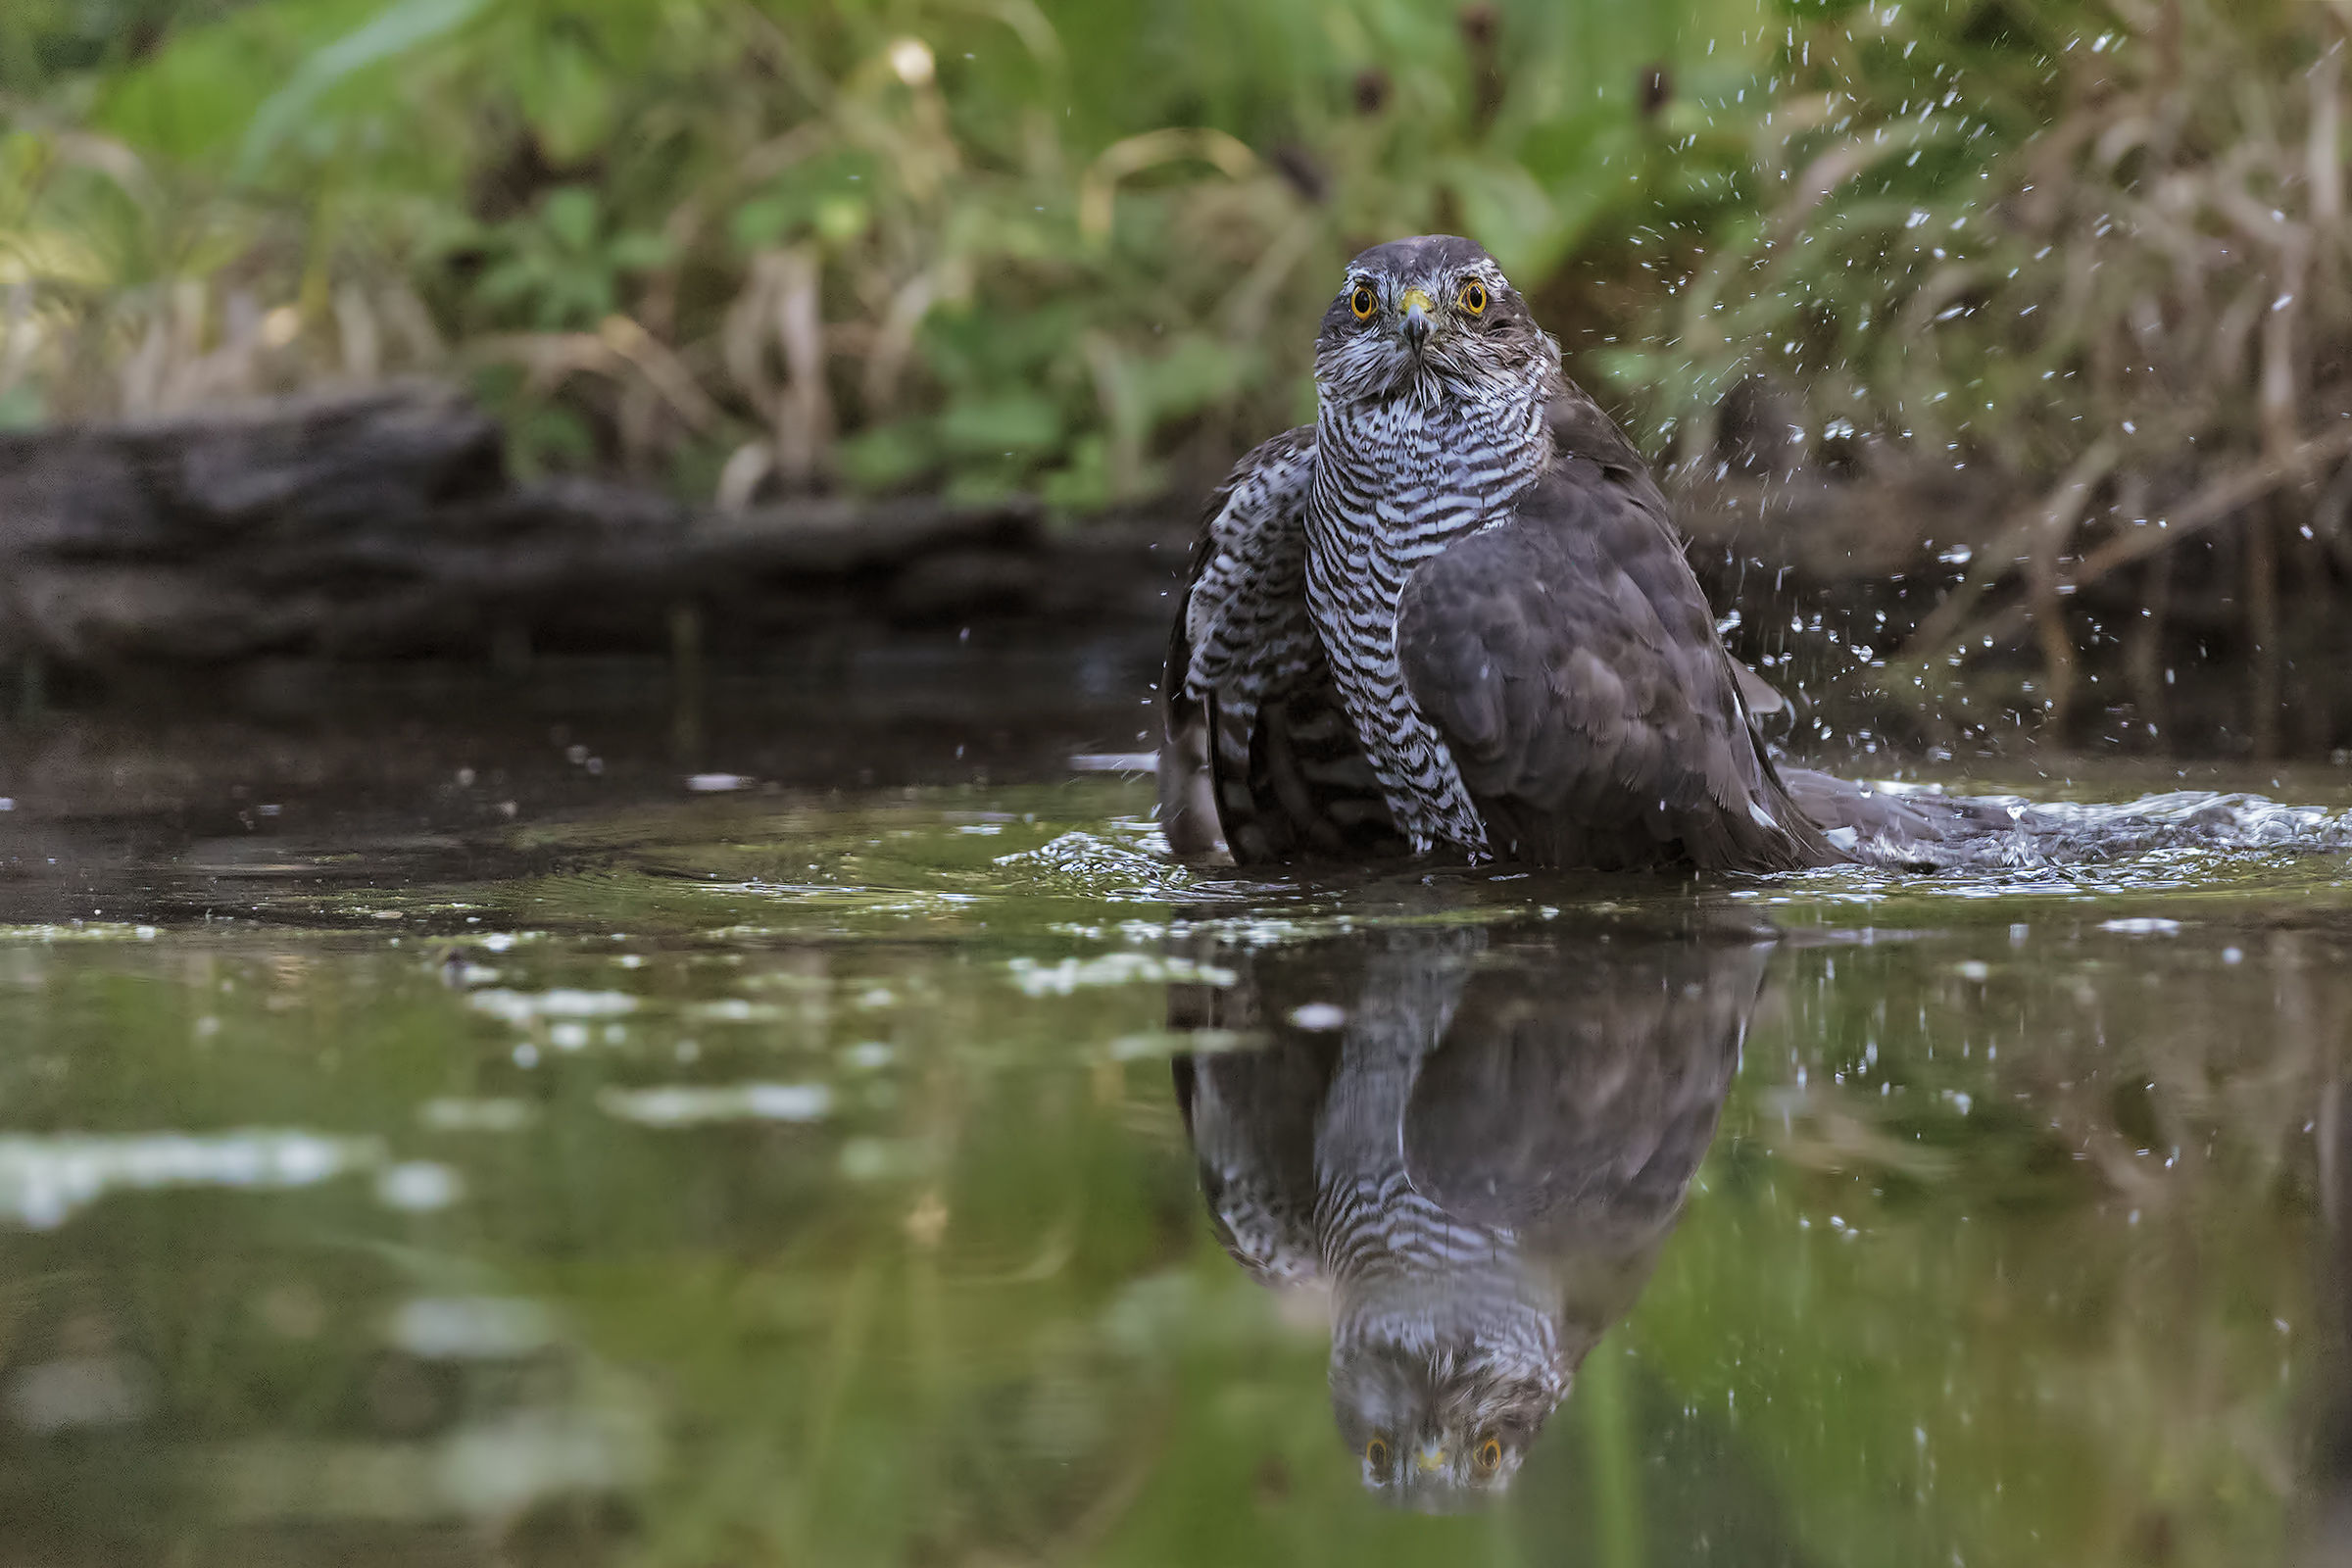 The sparrow bath...